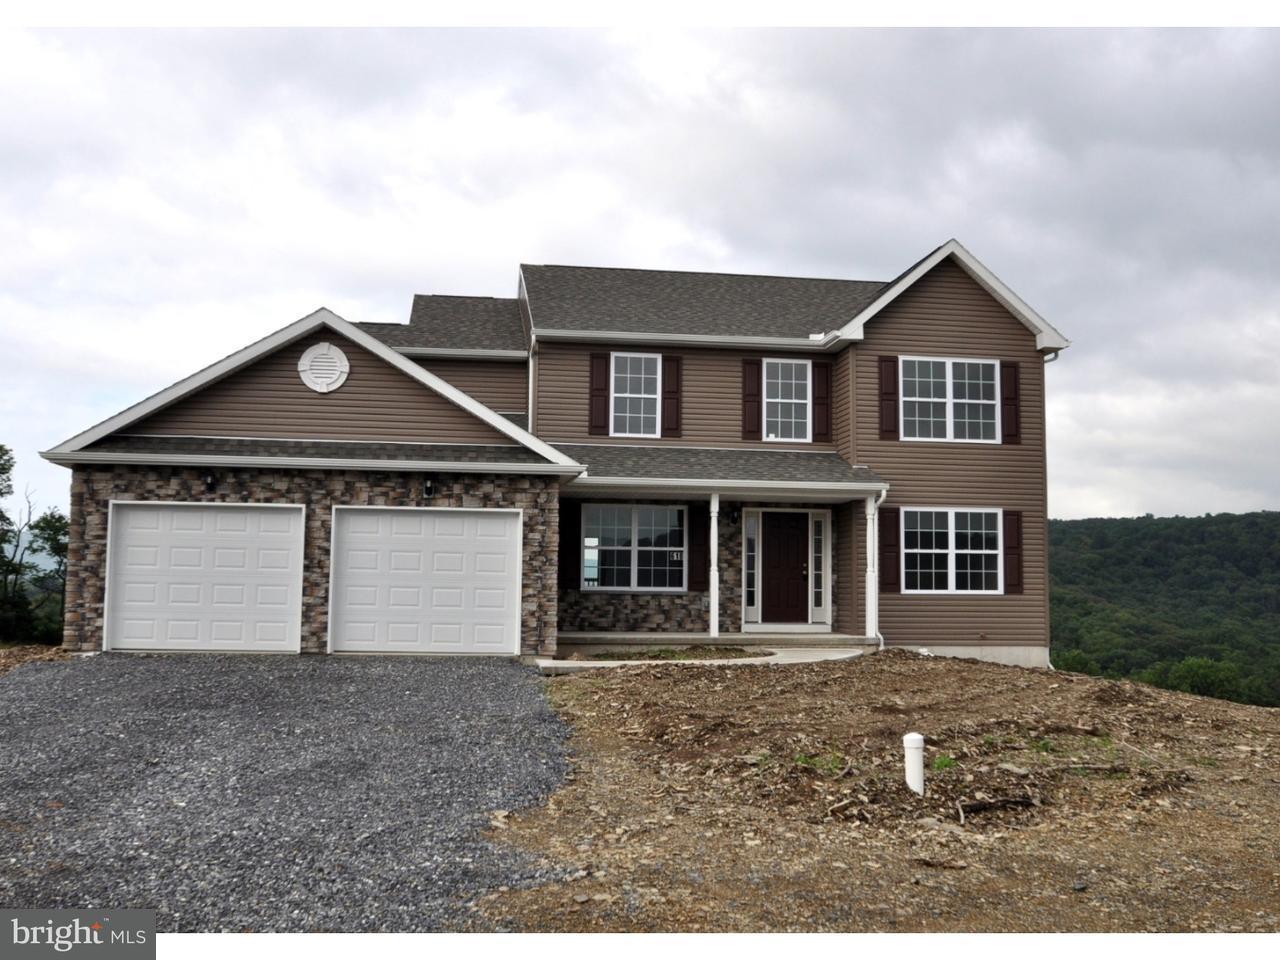 Частный односемейный дом для того Продажа на 618 KENSINGTON Circle Walnutport, Пенсильвания 18088 Соединенные Штаты